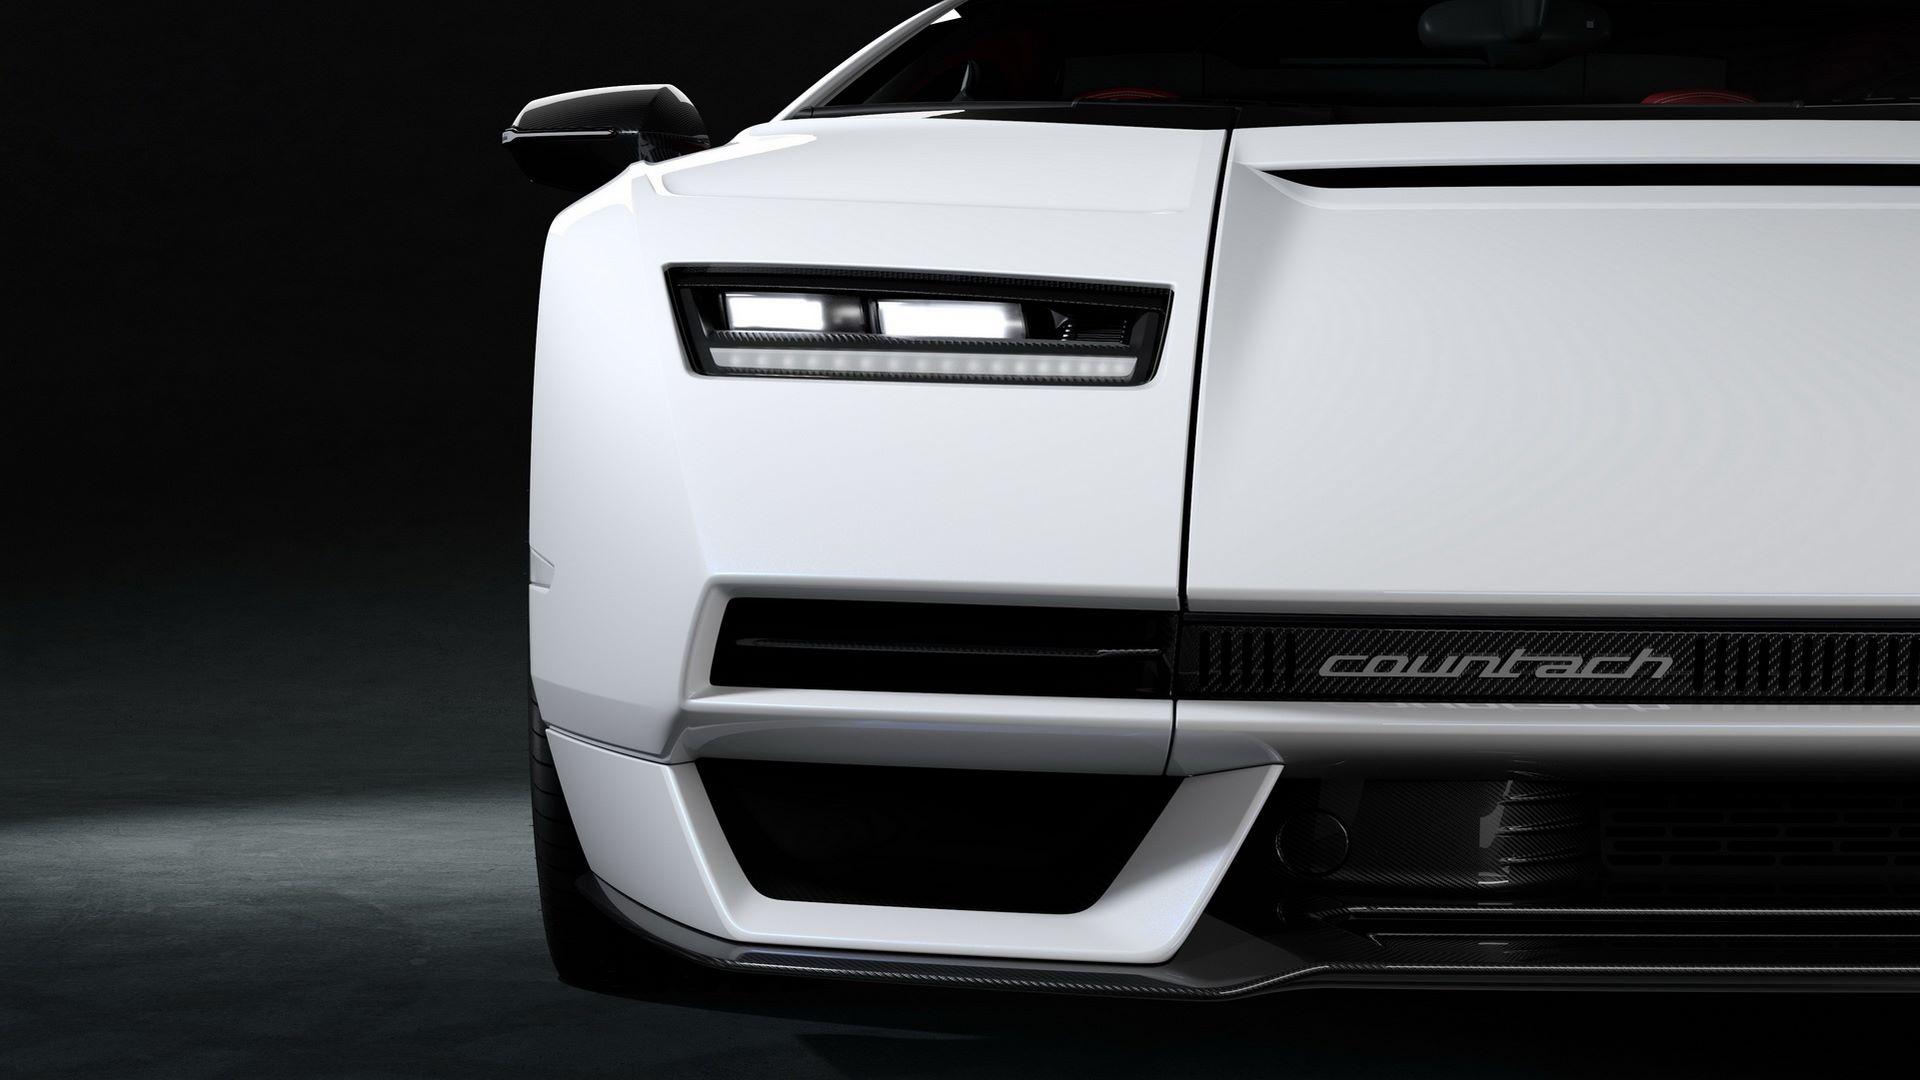 Lamborghini-Countach-LPI-800-4-78